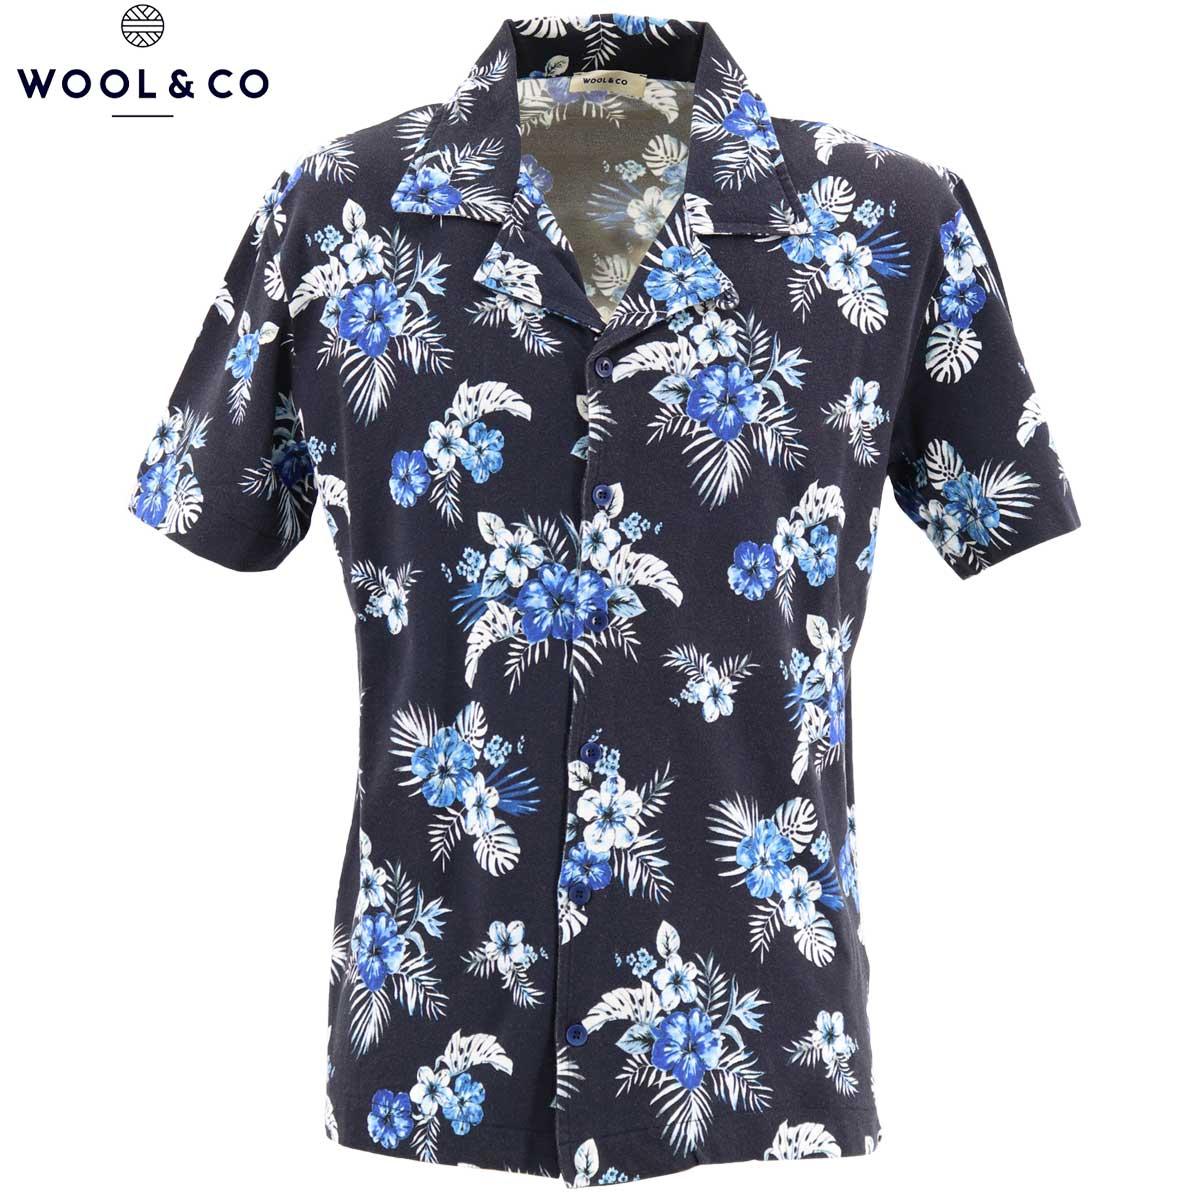 【クリアランスセール】ウールアンドコ WOOL&CO メンズ コットン 鹿の子 半袖 花柄 アロハシャツ WO2285 228-14427 69(ネイビー)【返品交換不可】